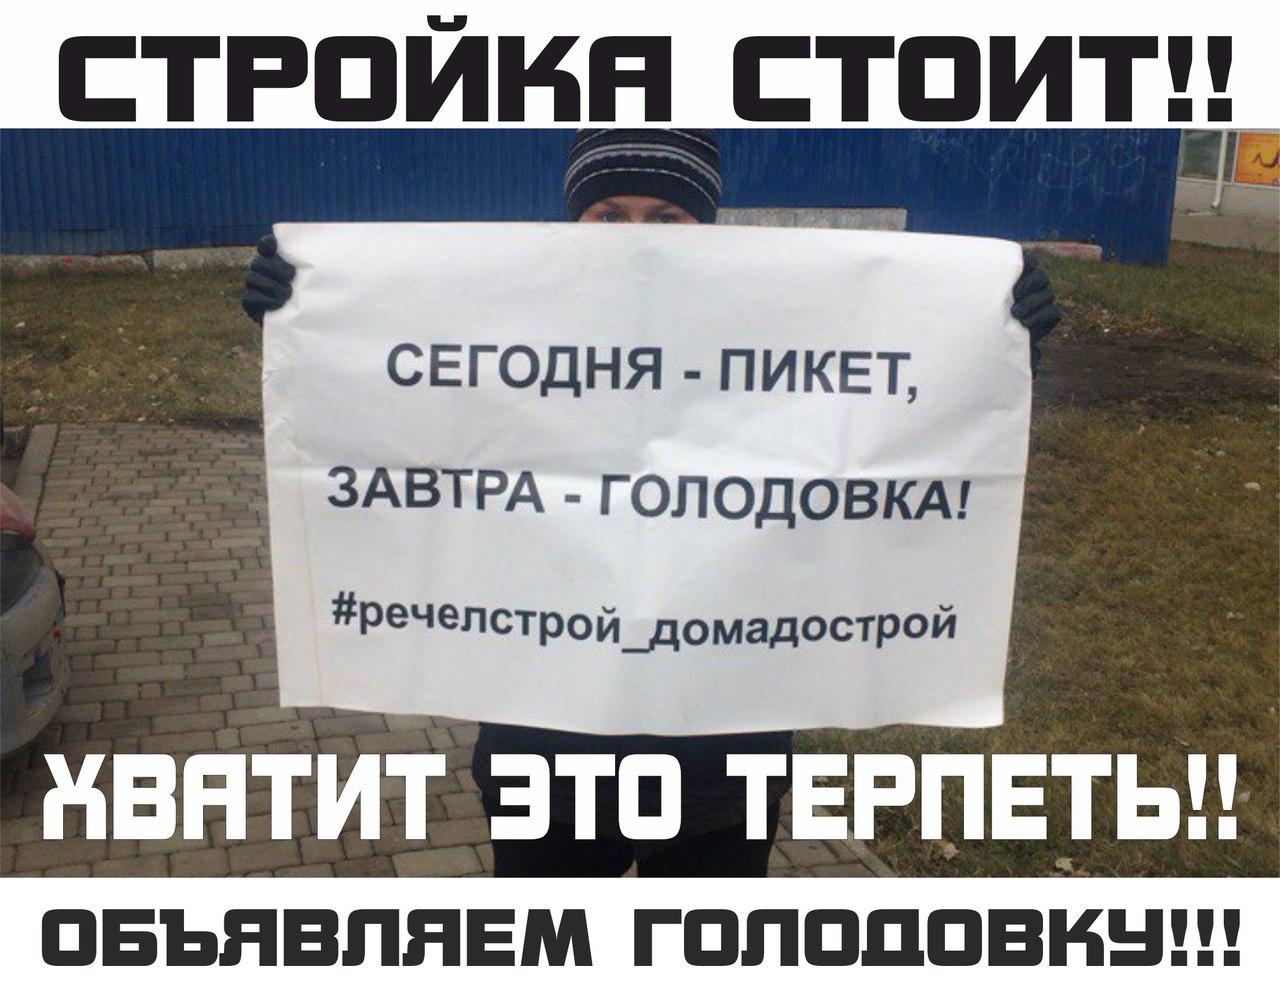 Сегодня, 26 января, дольщики «Речелстроя» заявили, что собираются объявить голодовку на главной п